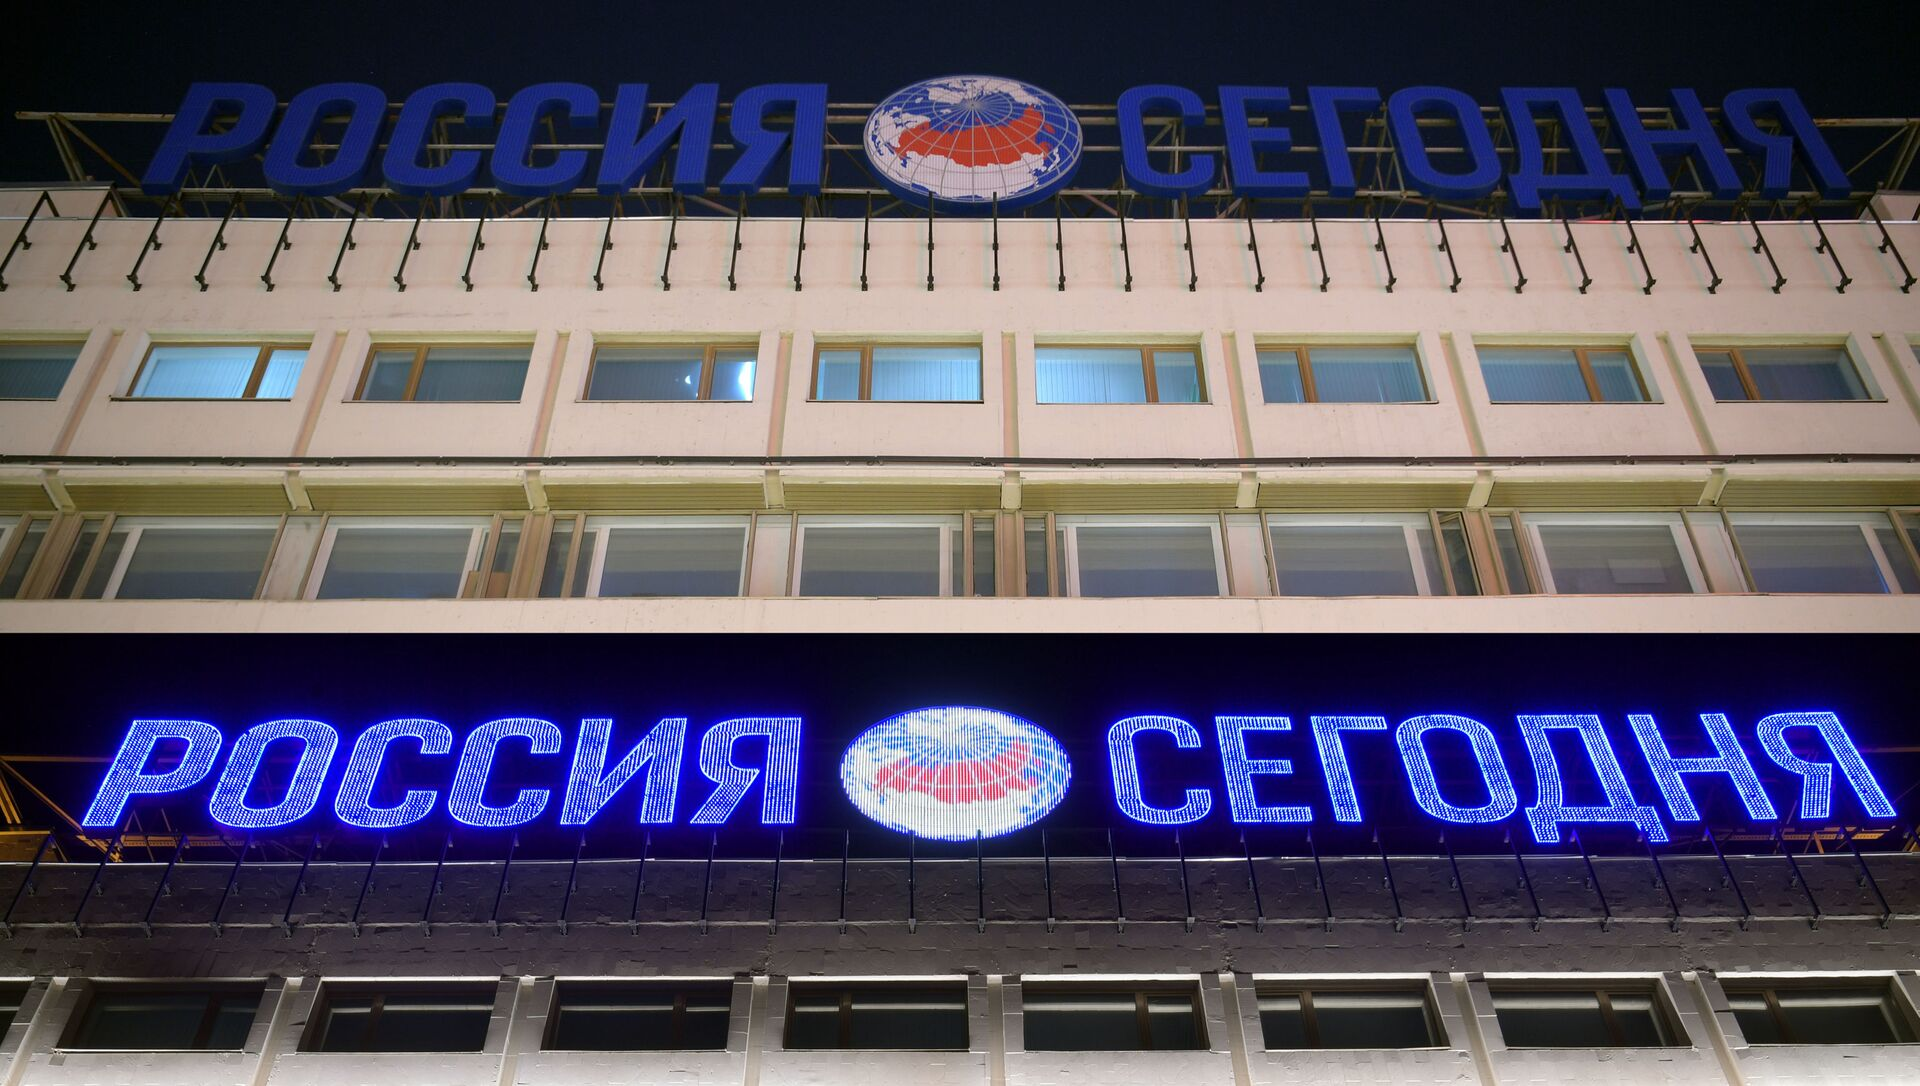 Медиагруппа Россия сегодня объявила конкурс среди журналистов и блогеров - Sputnik Южная Осетия, 1920, 07.10.2021